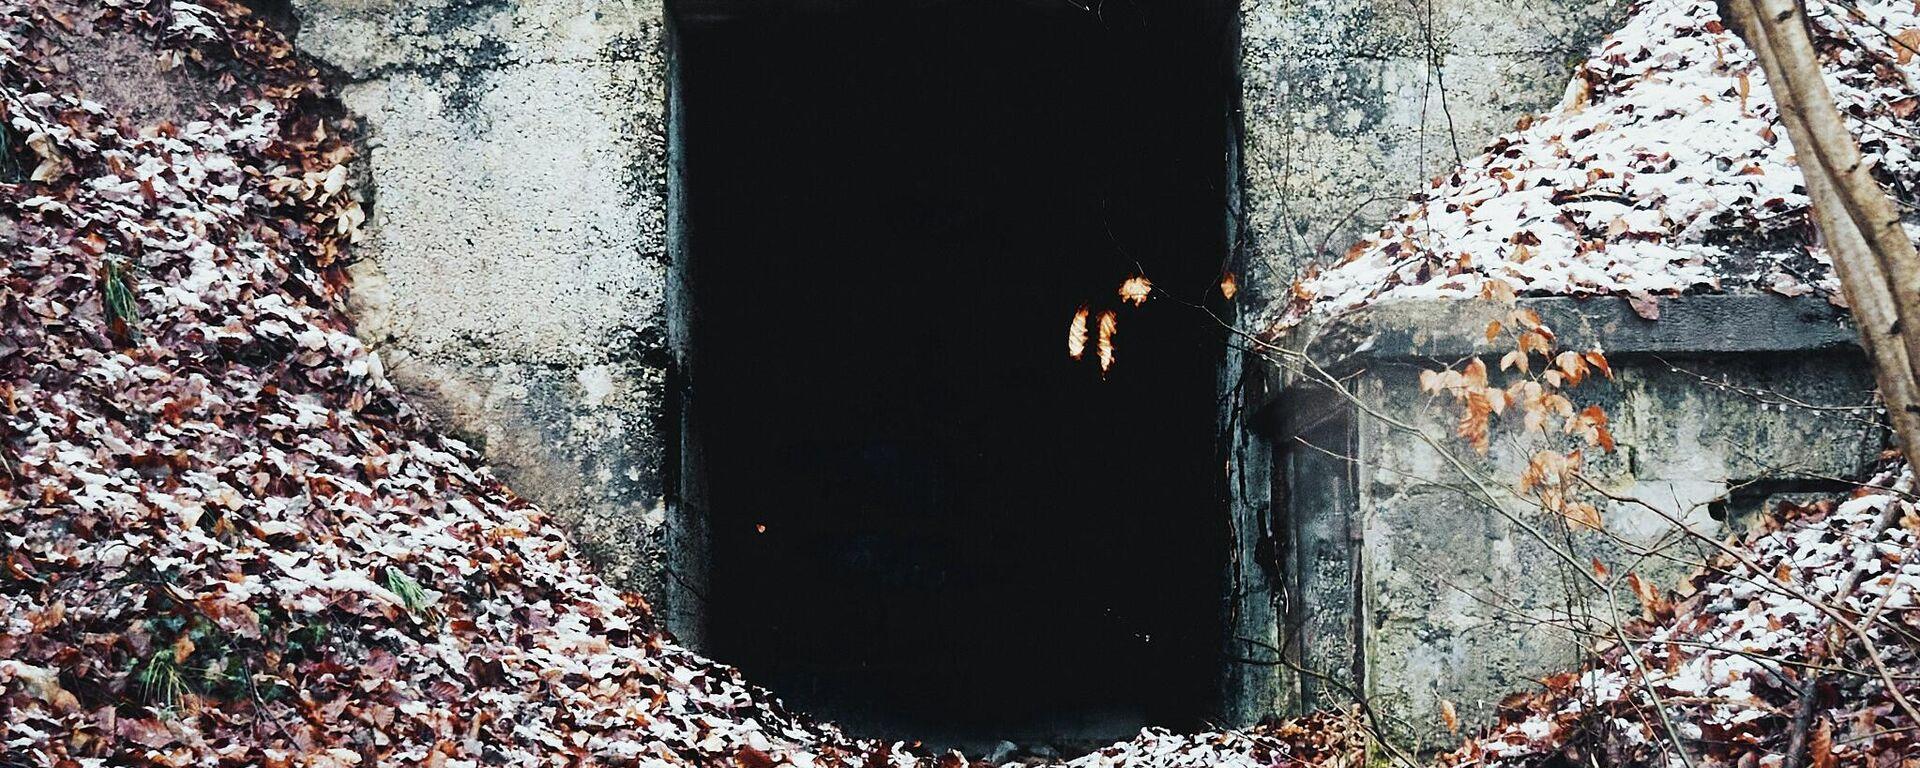 La entrada de un búnker (imagen ilustrativa) - Sputnik Mundo, 1920, 05.07.2021